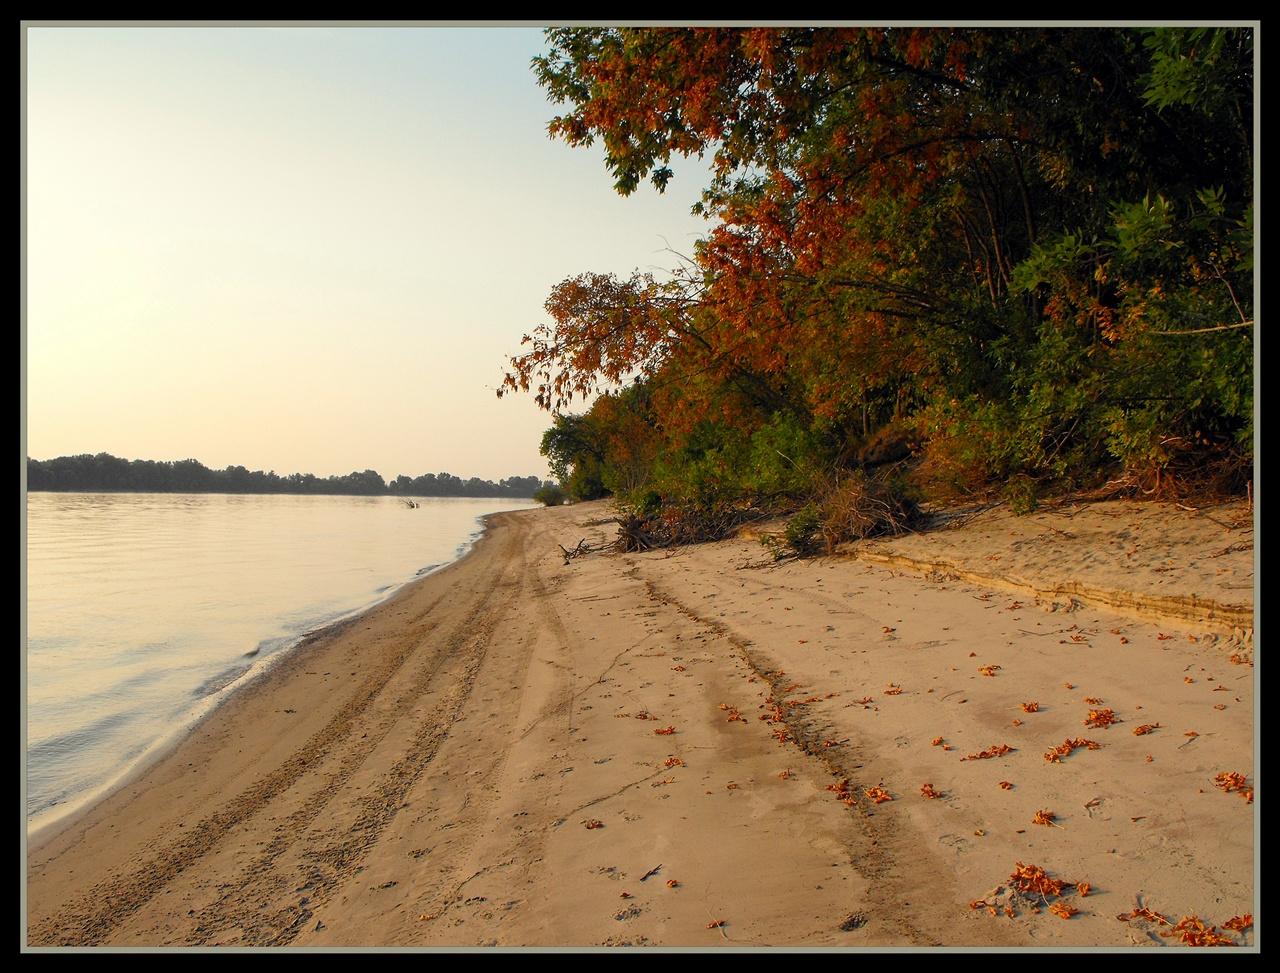 Őszi strand